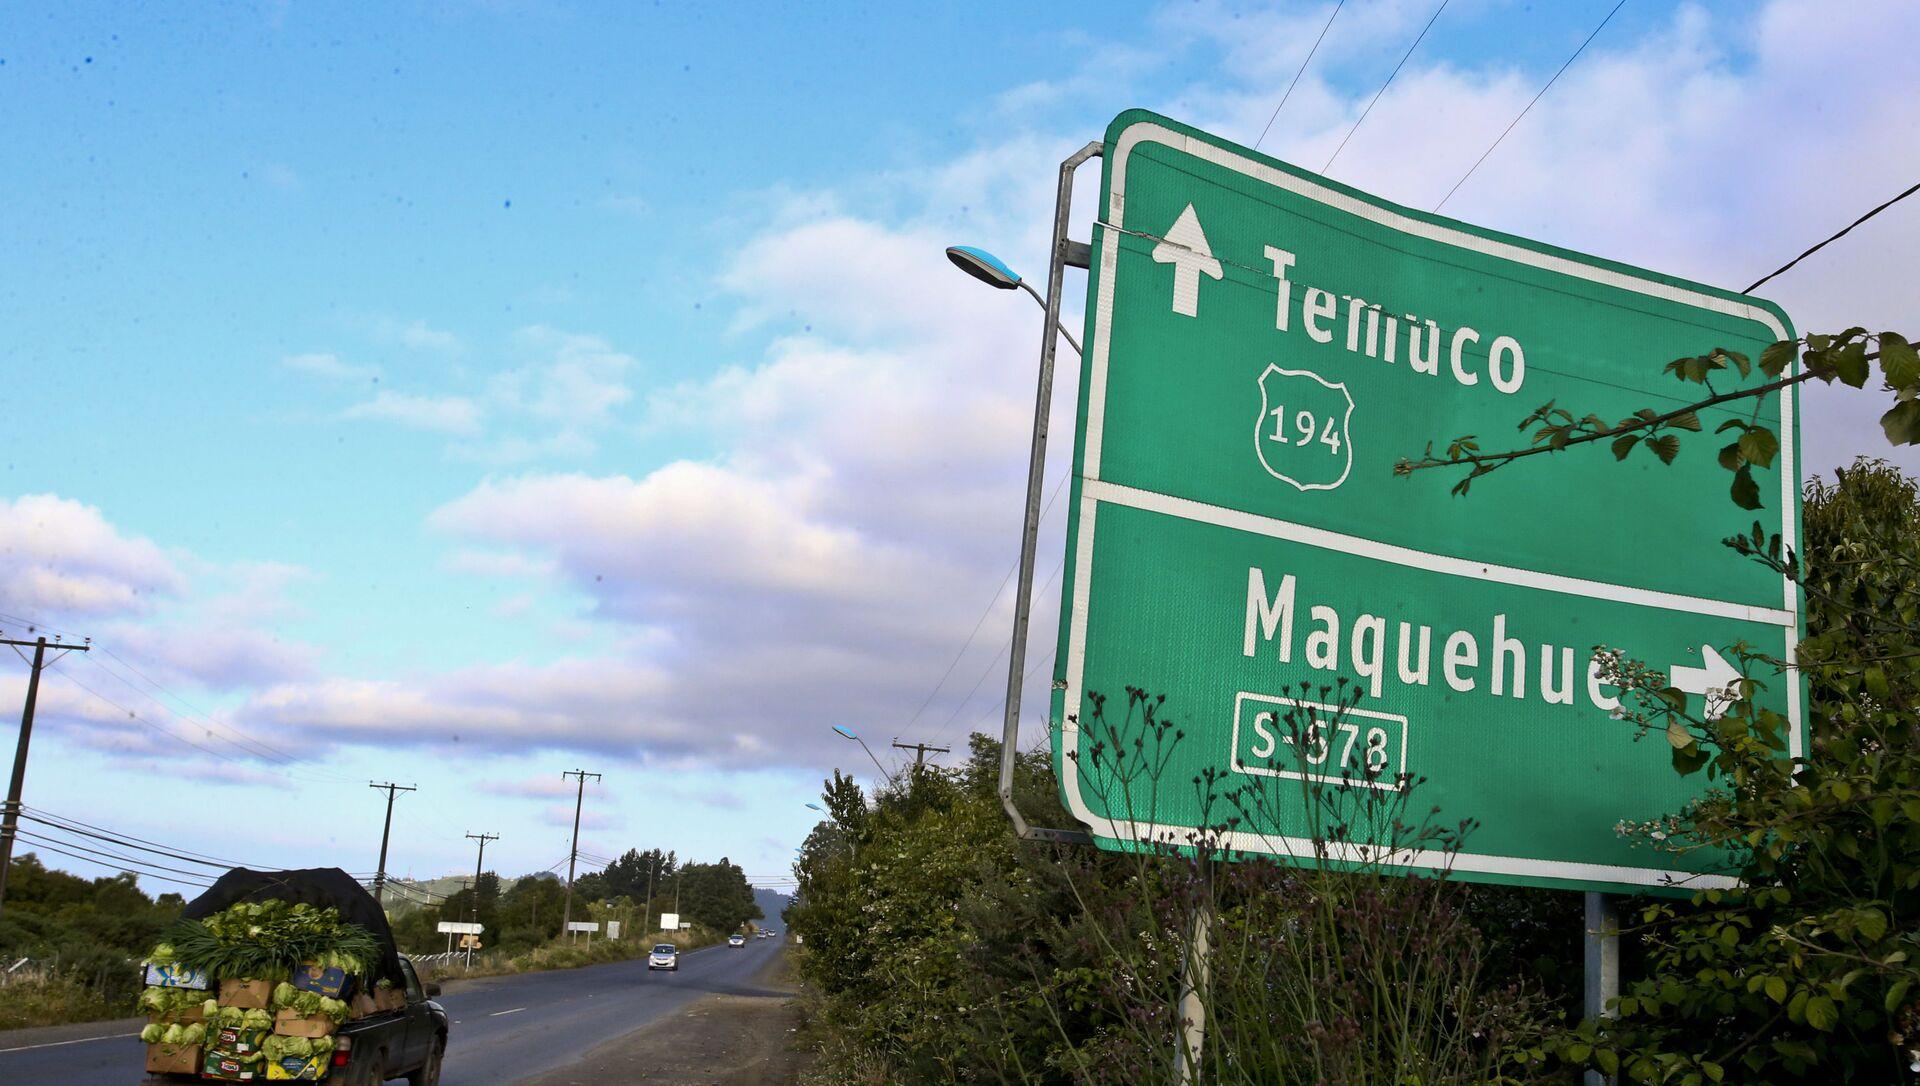 Una señal de dirección de tráfico en Chile  - Sputnik Mundo, 1920, 22.07.2020